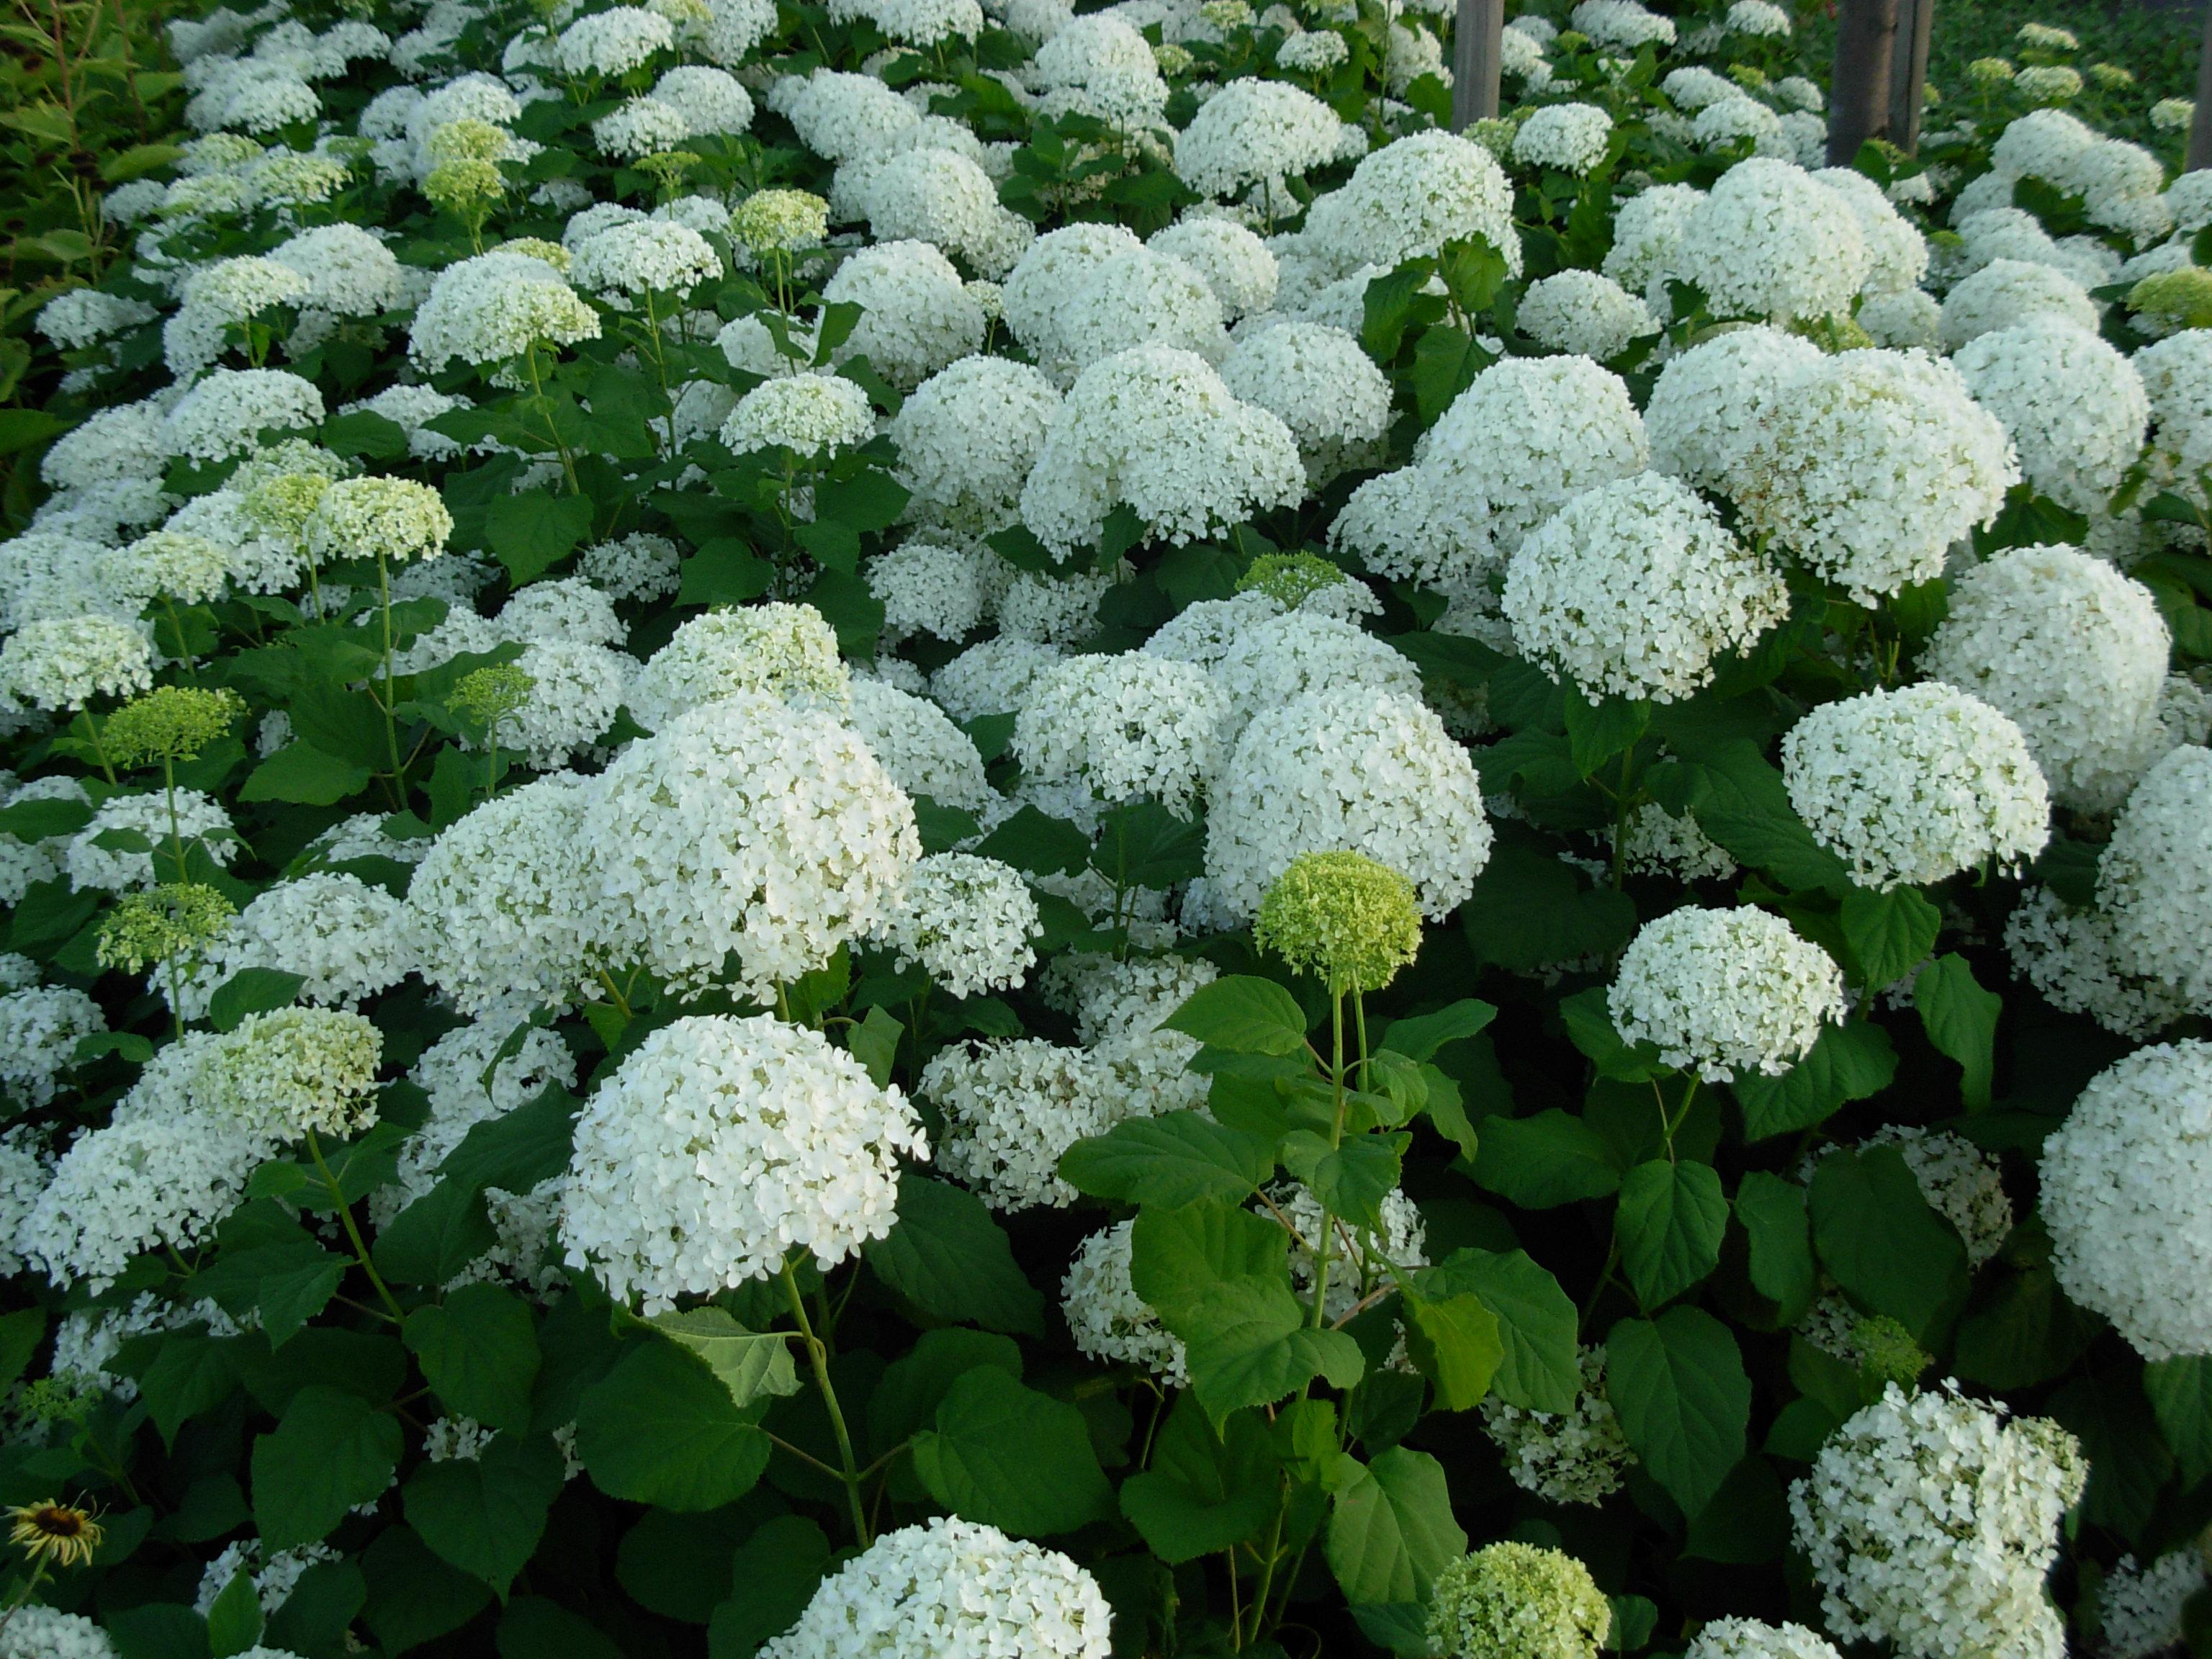 Cultivo de  hortensias - Guía para el cuidado de las hortensias - 4